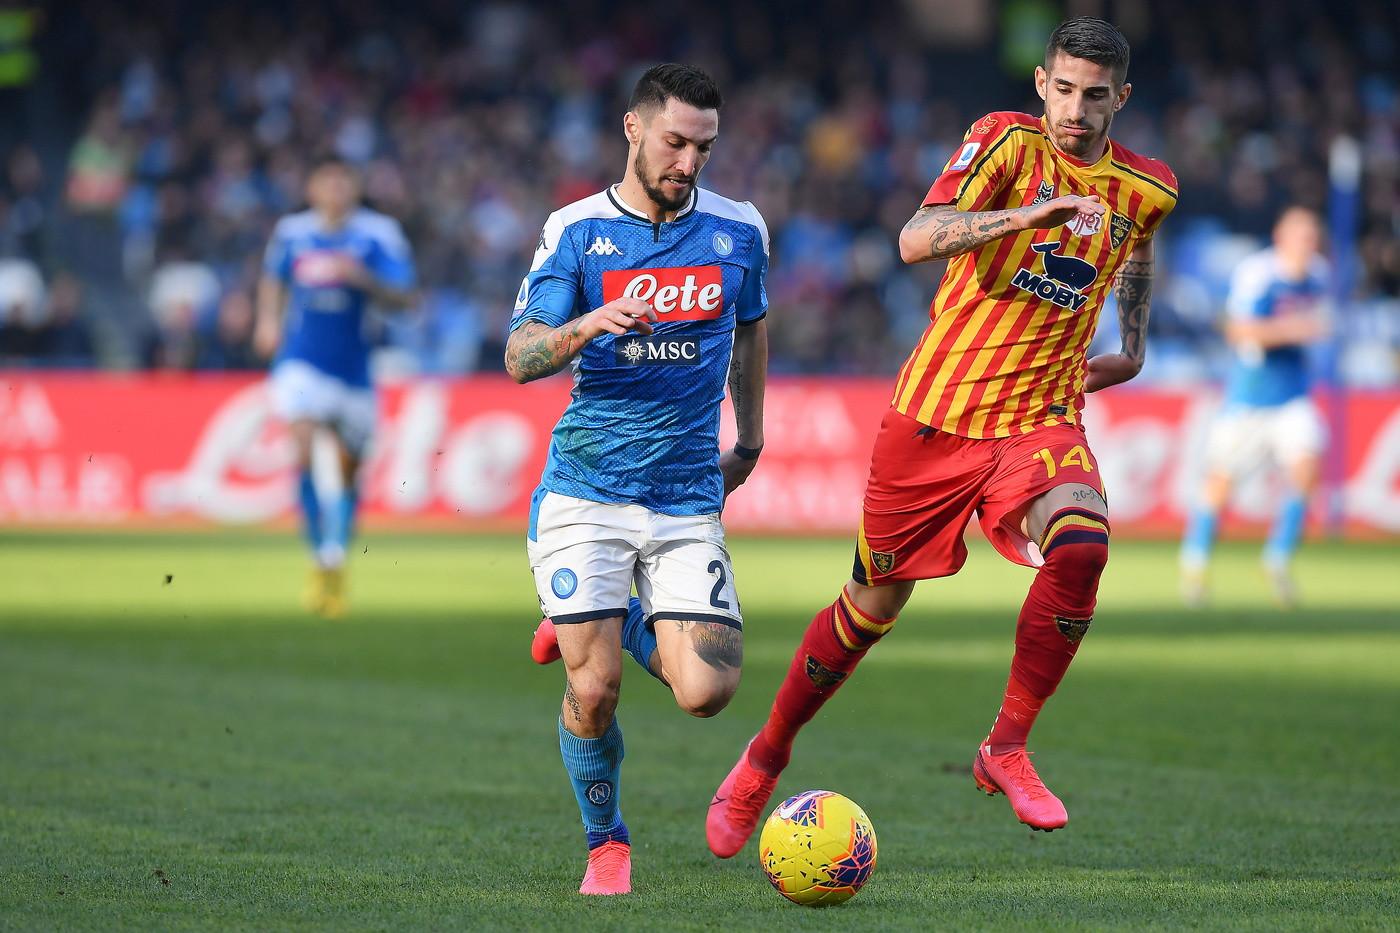 Napoli-Lecce, le immagini del match | Foto - Sportmediaset